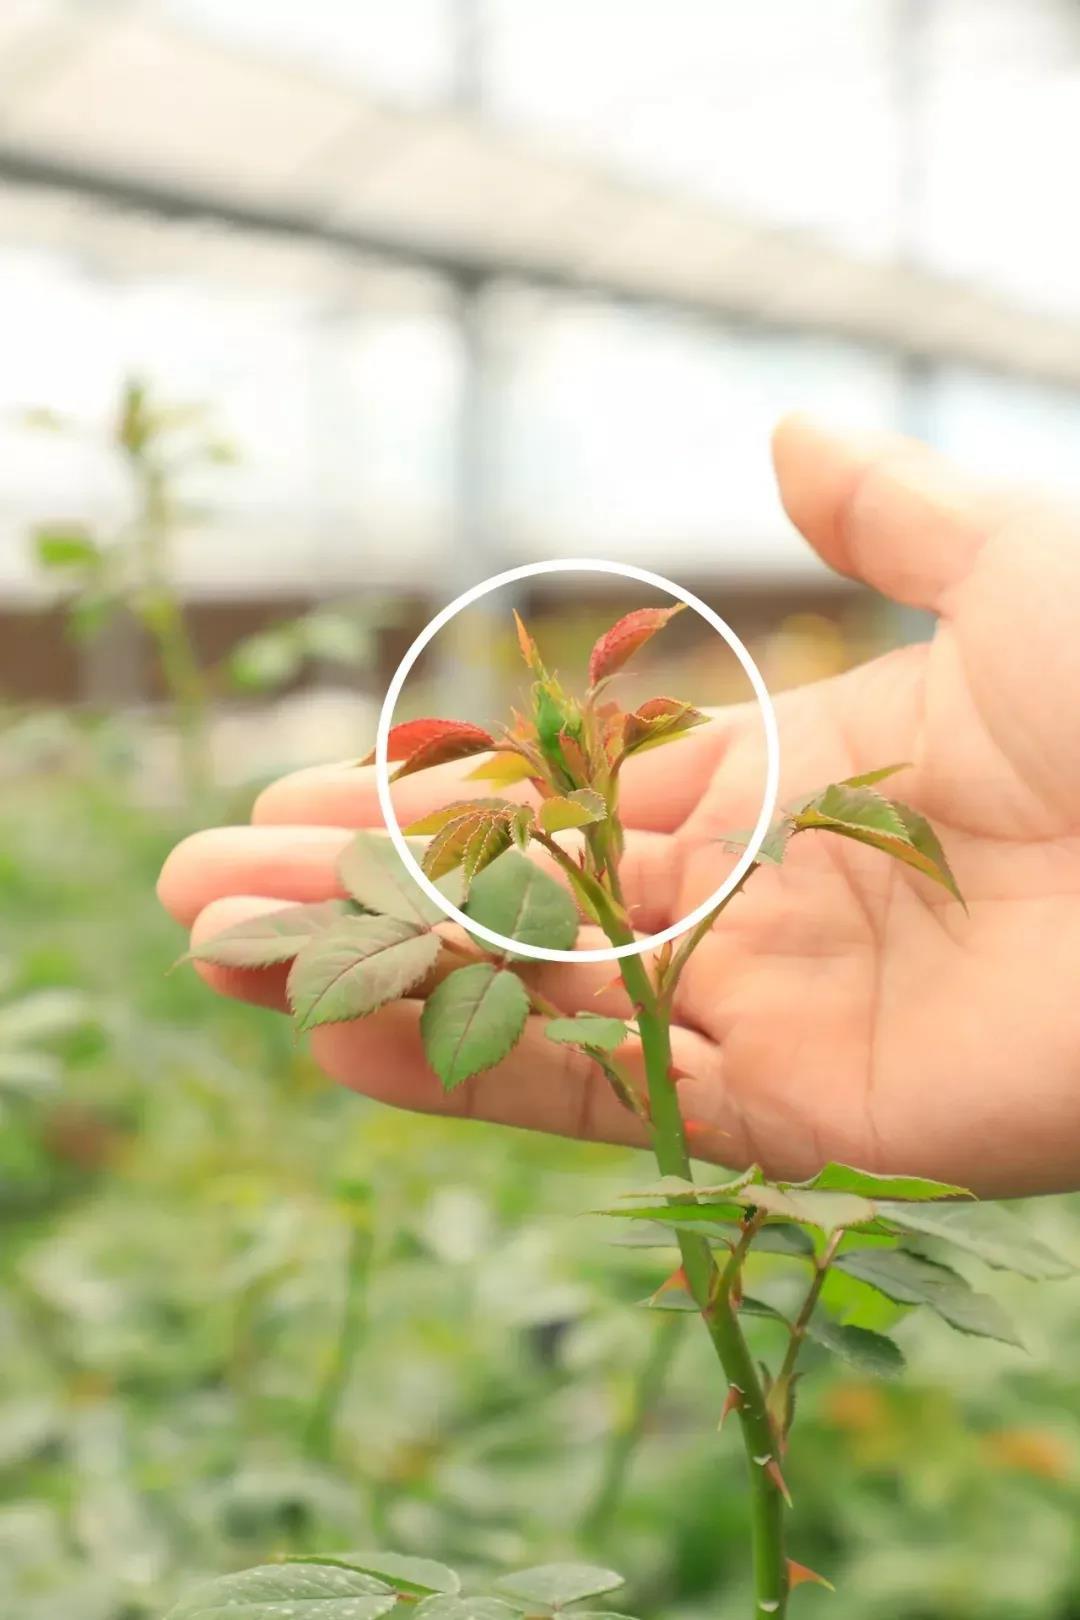 月季盲芽不开花怎么办?